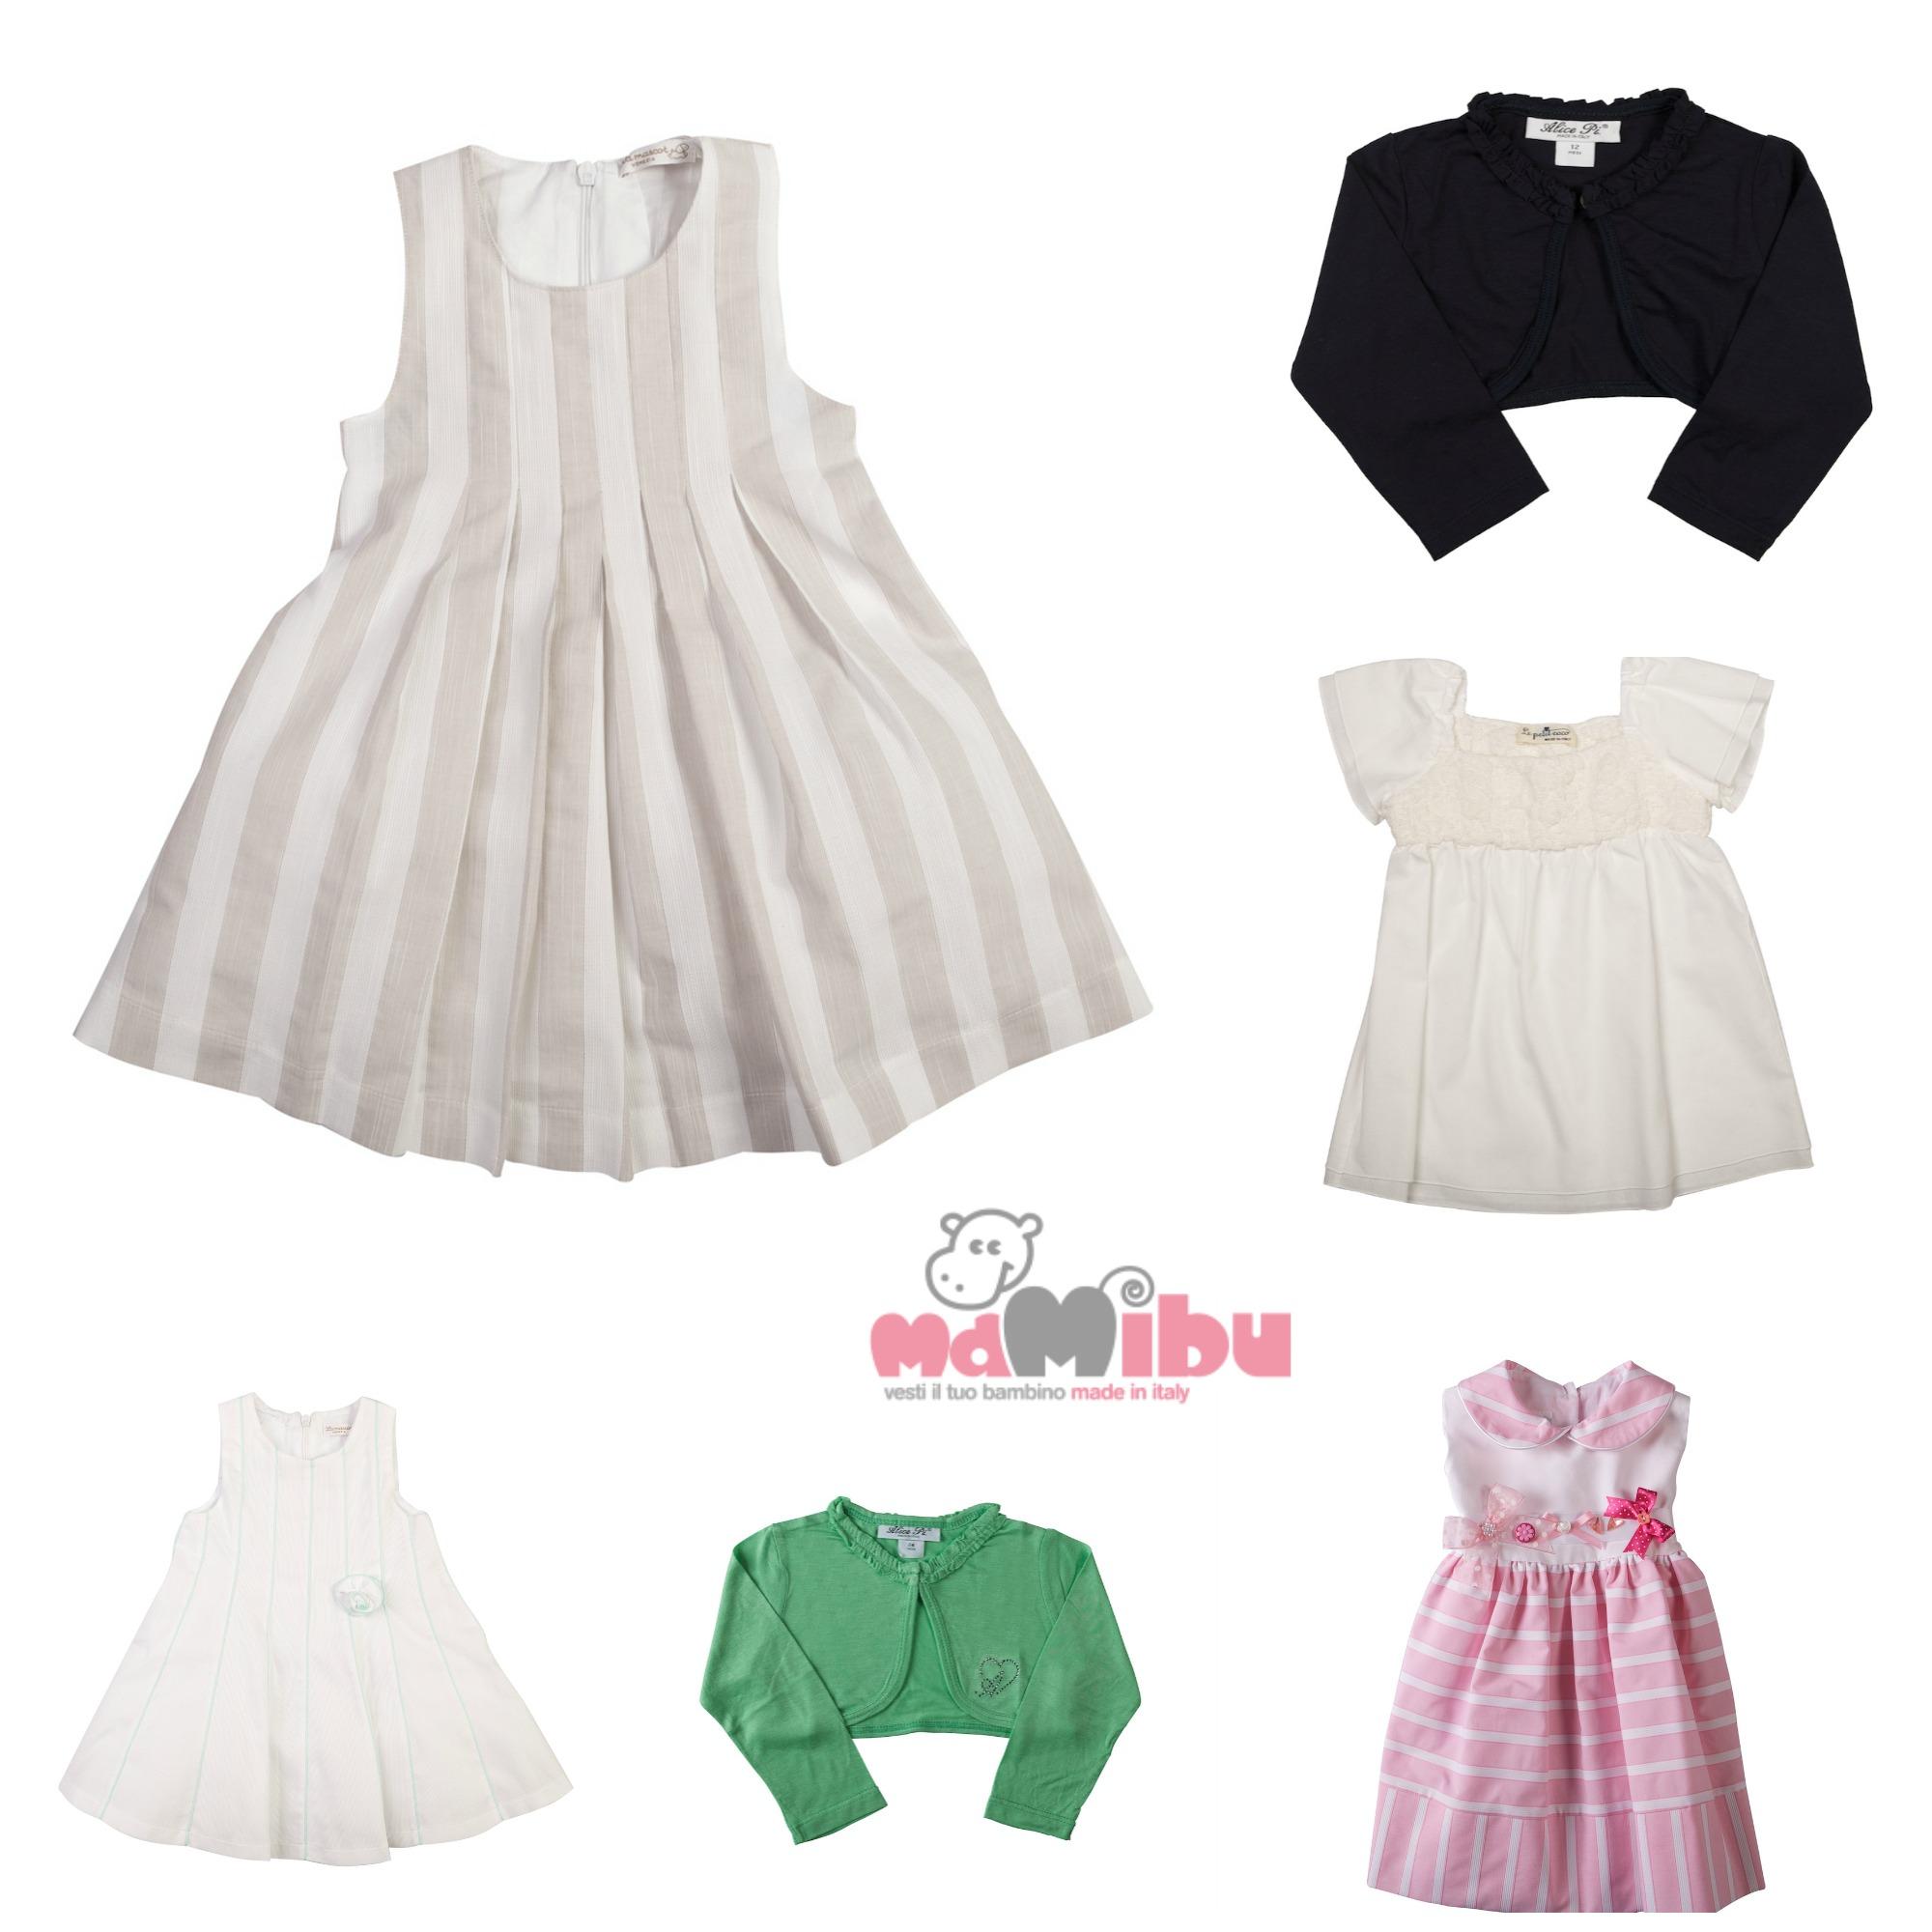 Abiti da cerimonia per bambini (da 0 a 3 anni) - BabyGreen b6211ba15c1